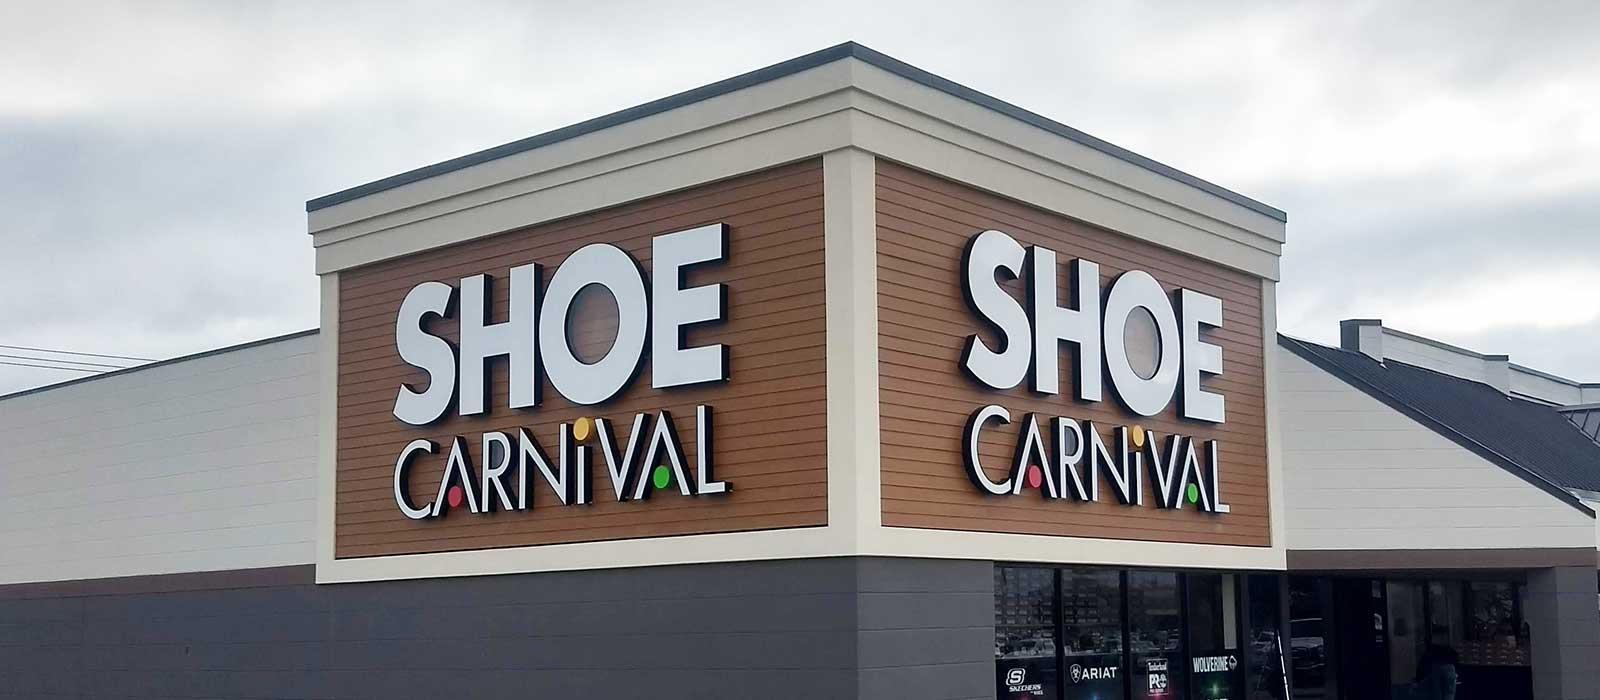 Shoe Carnival - Channel Letters